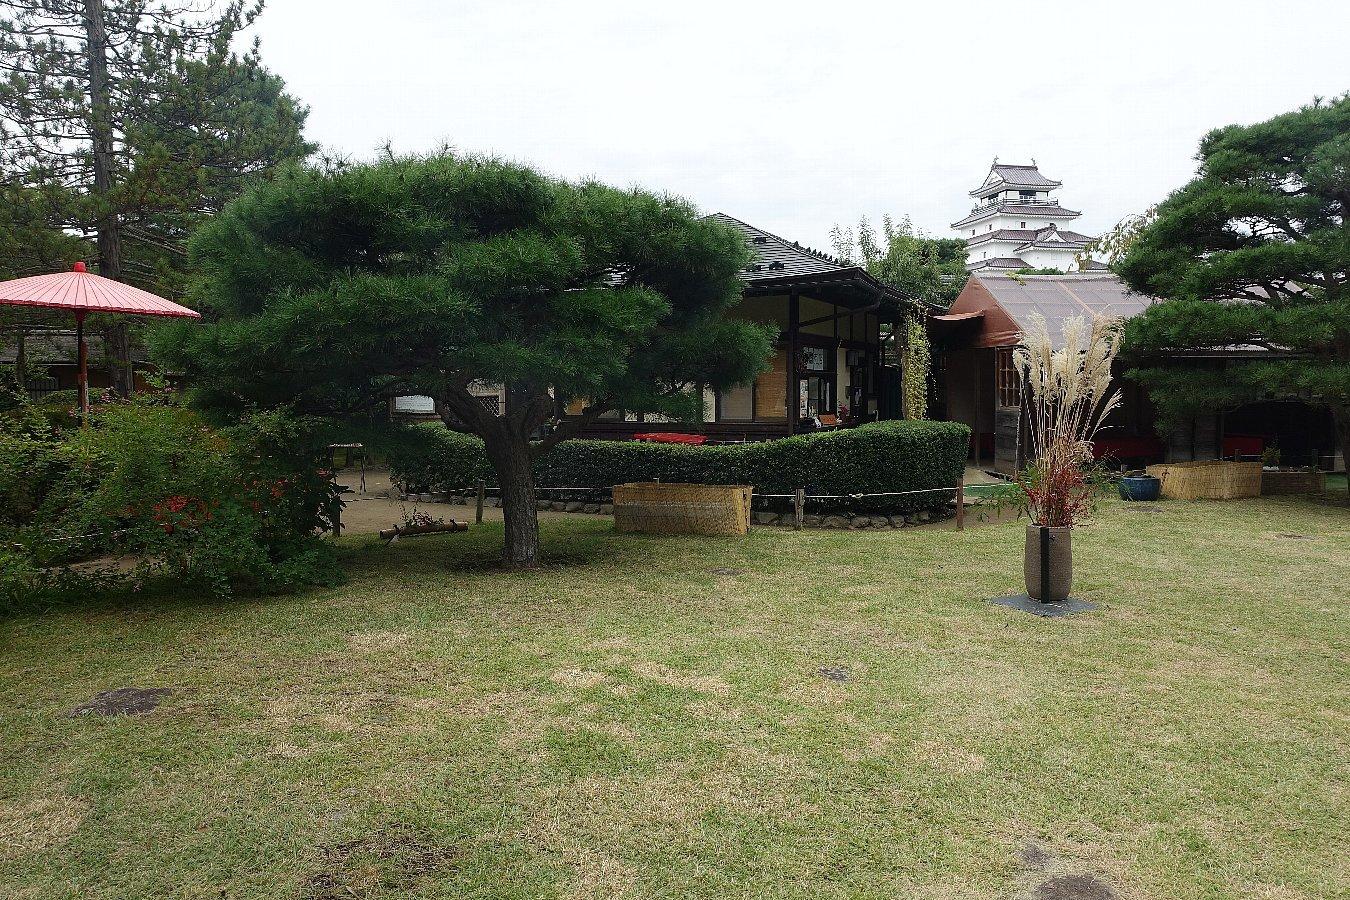 鶴ヶ城公園 茶室「麟閣」_c0112559_08430750.jpg